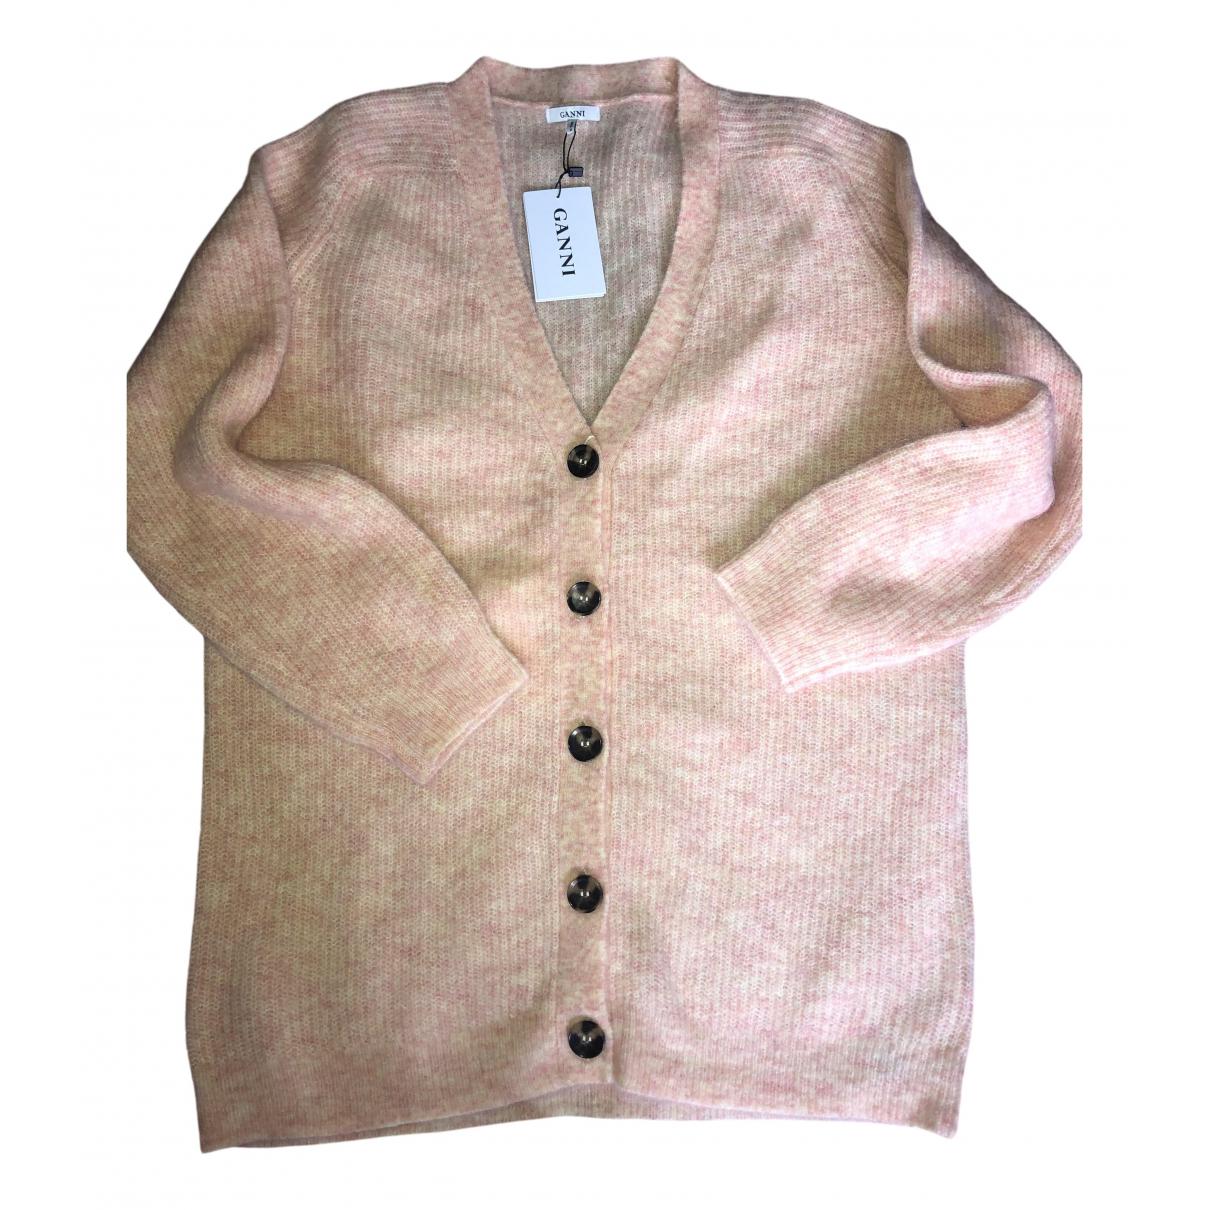 Ganni N Beige Wool Knitwear for Women L International